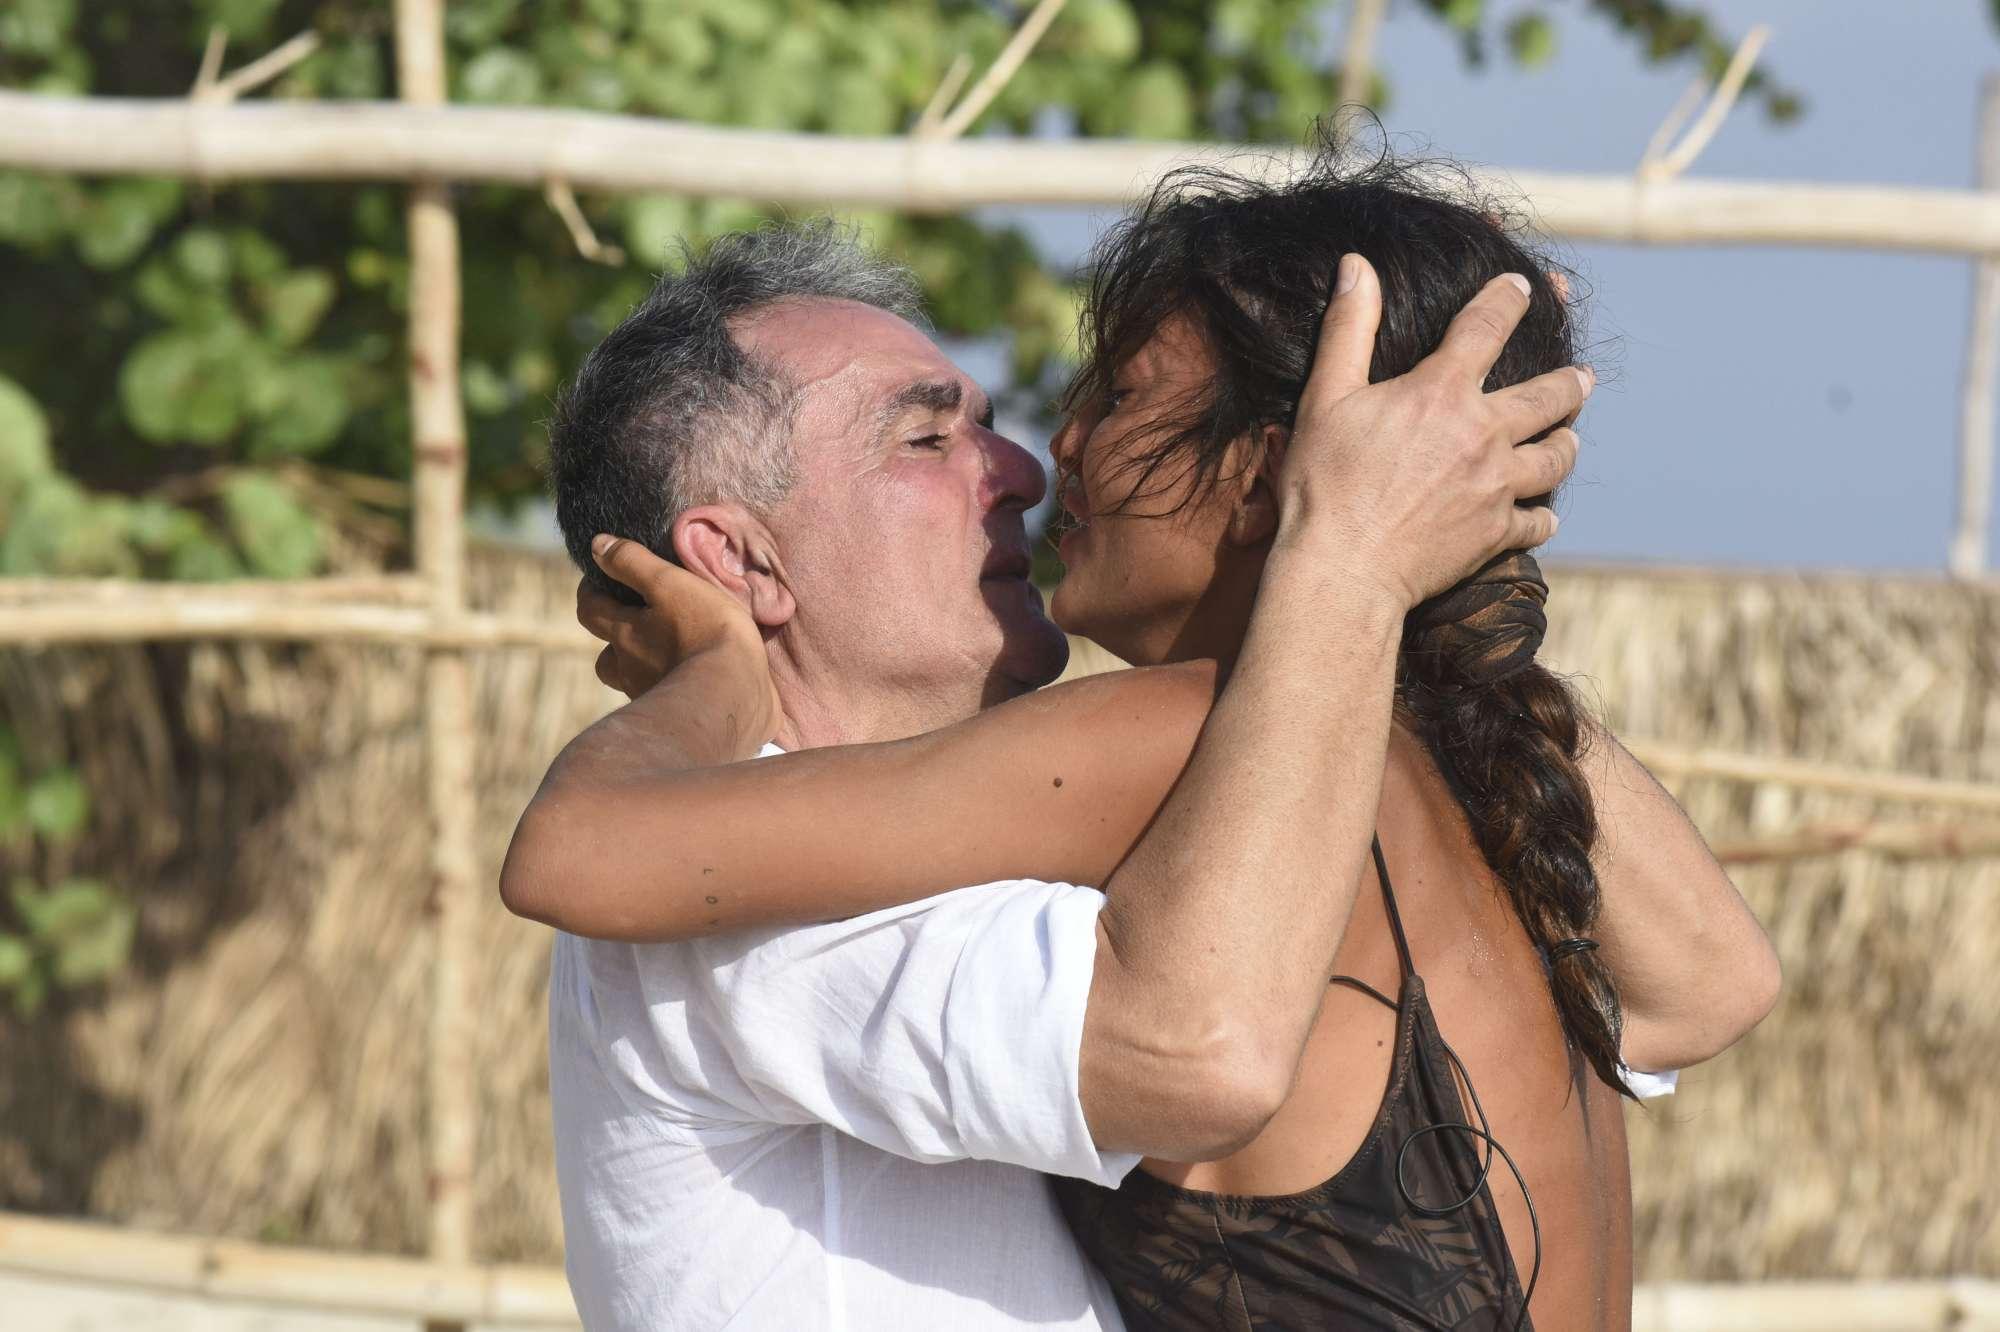 Isola dei Famosi questa sera: nominati Alessia, Rosa e Simone